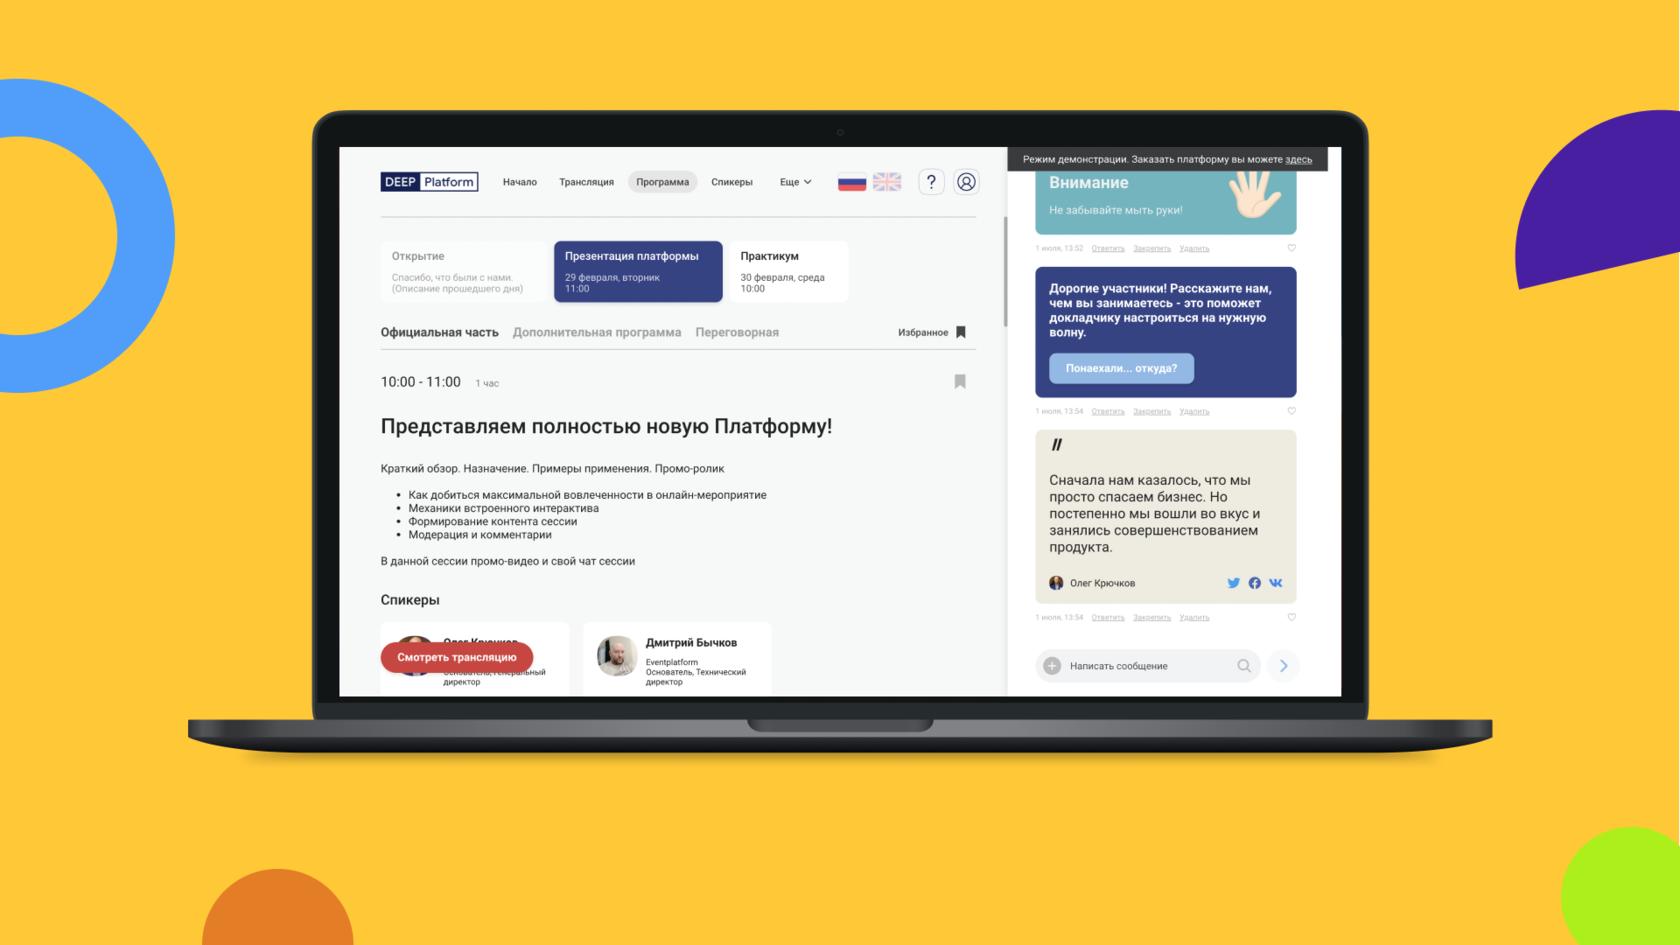 DEEP Platform - наша фирменная поддержка в режиме 24/7